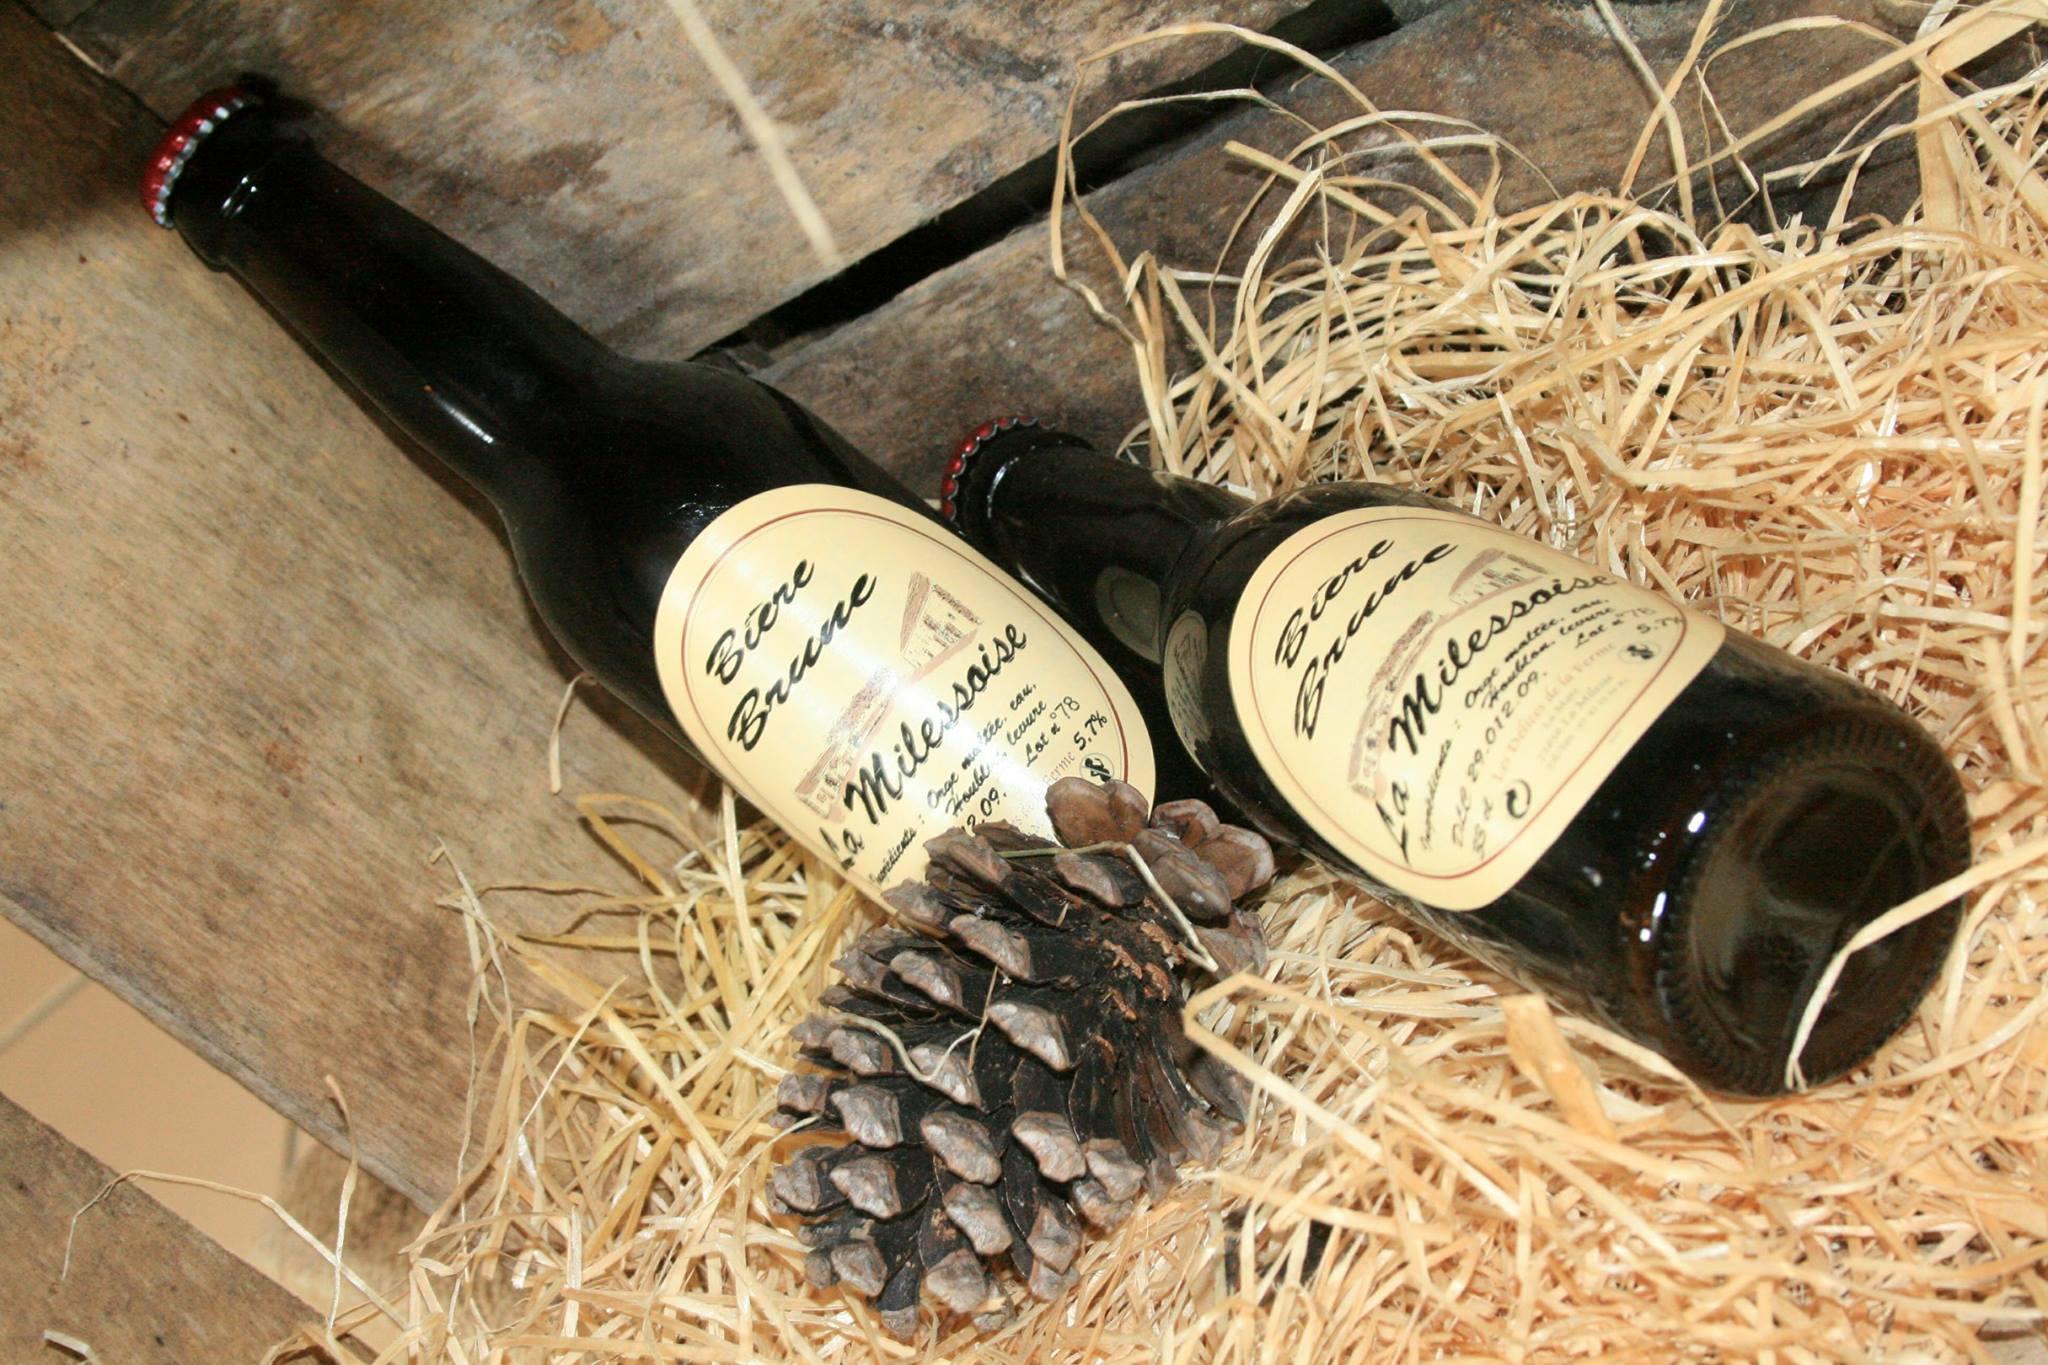 Les Delices De La Ferme Bieres Artisanales Sarthe 10991581 347659785435645 4417086041319508383 O